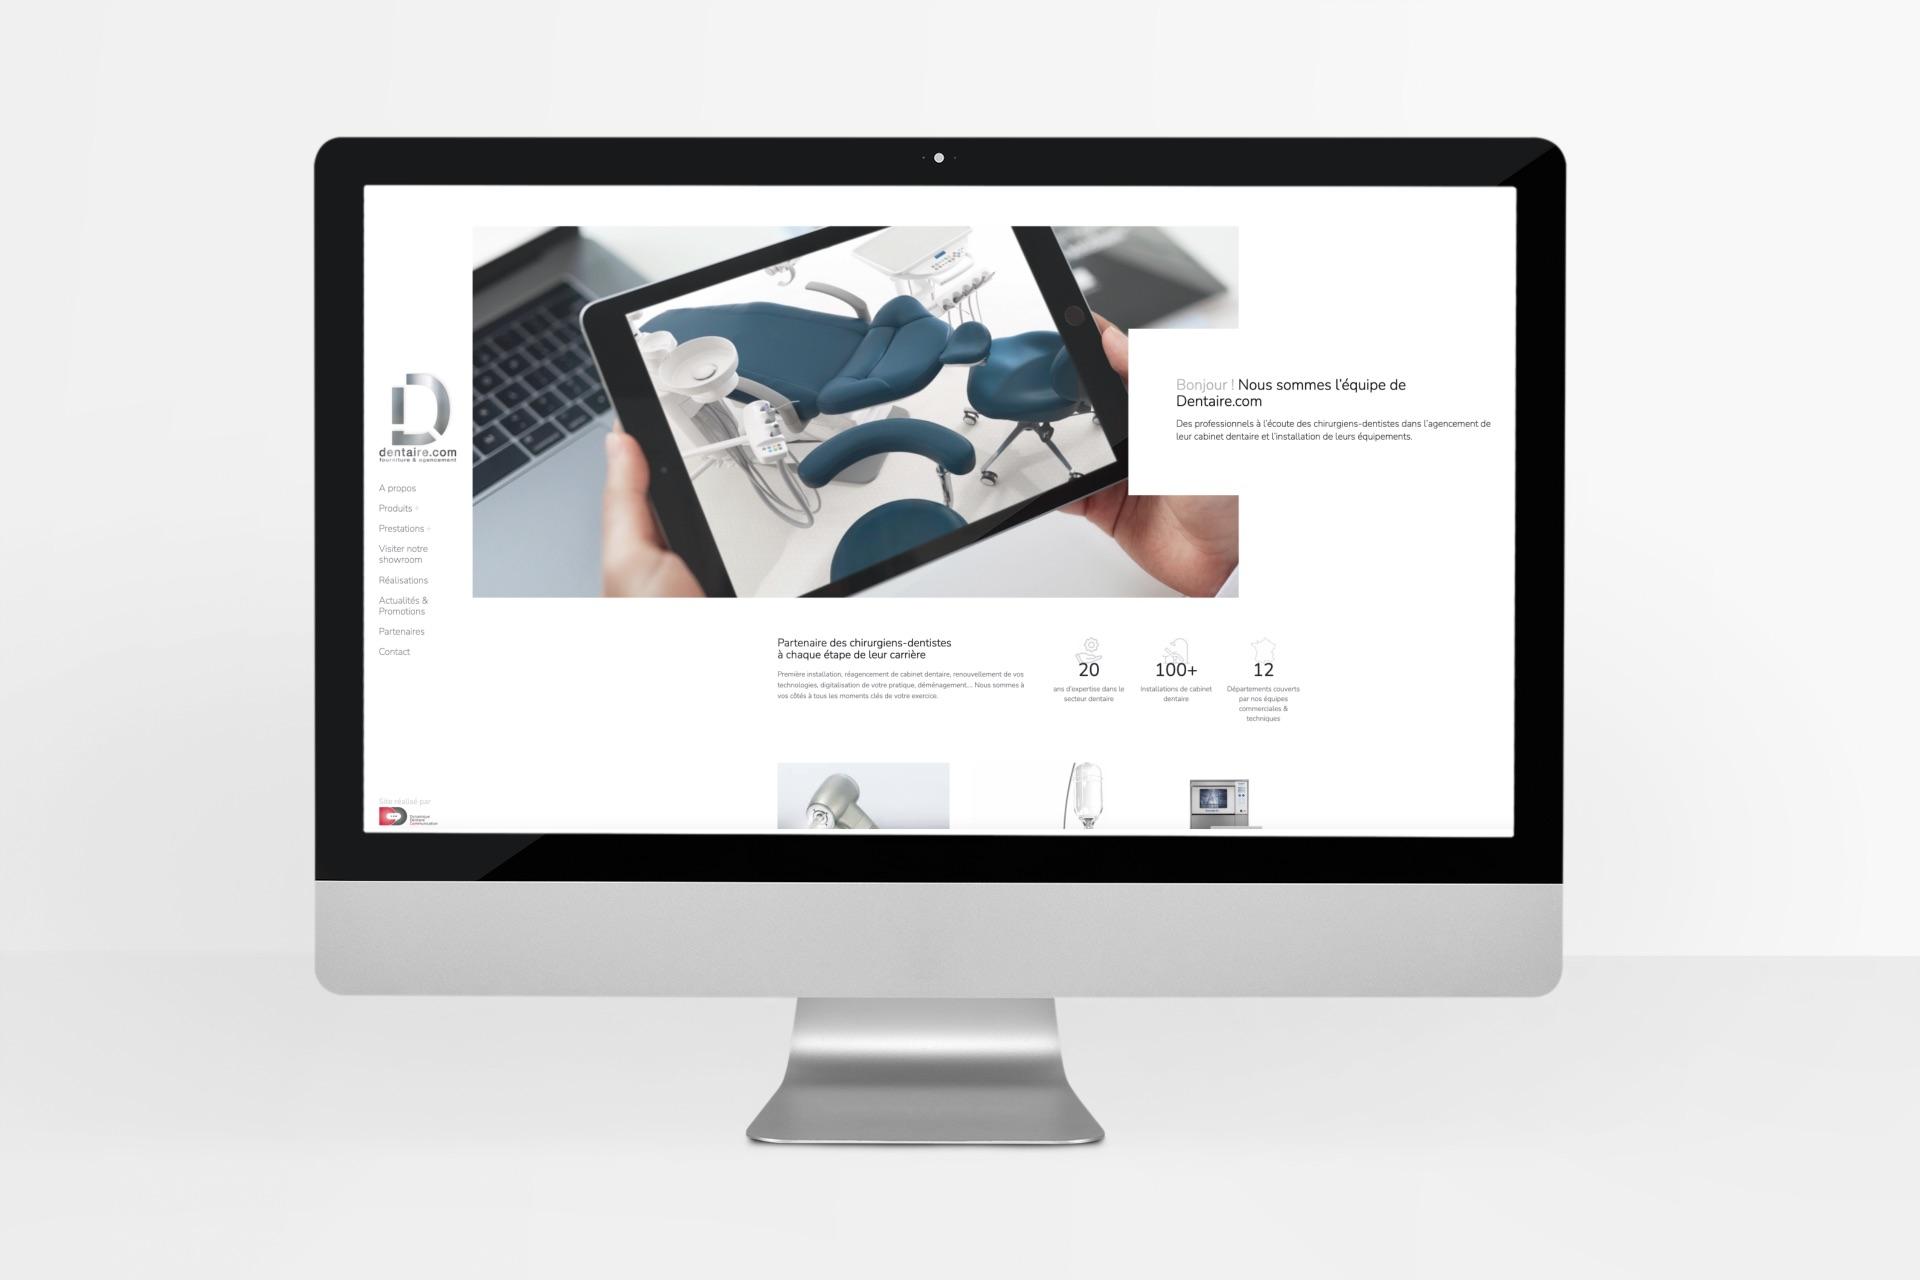 Site internet Dentaire.com